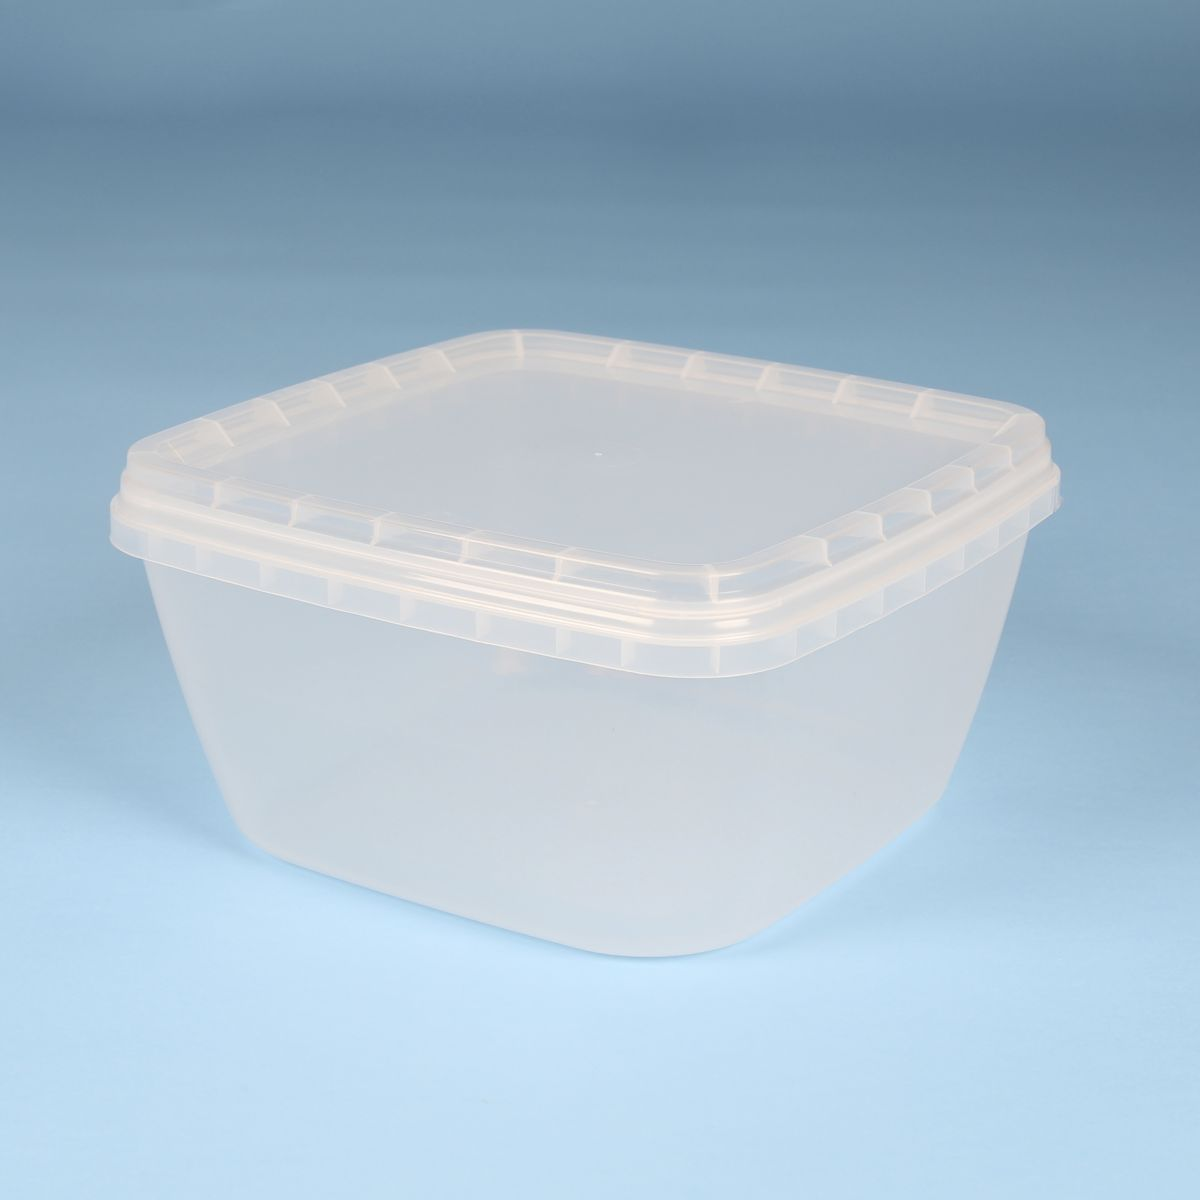 Vaschetta per alimenti quadrata con chiusura con sigillo - Cod. Quadrata 2